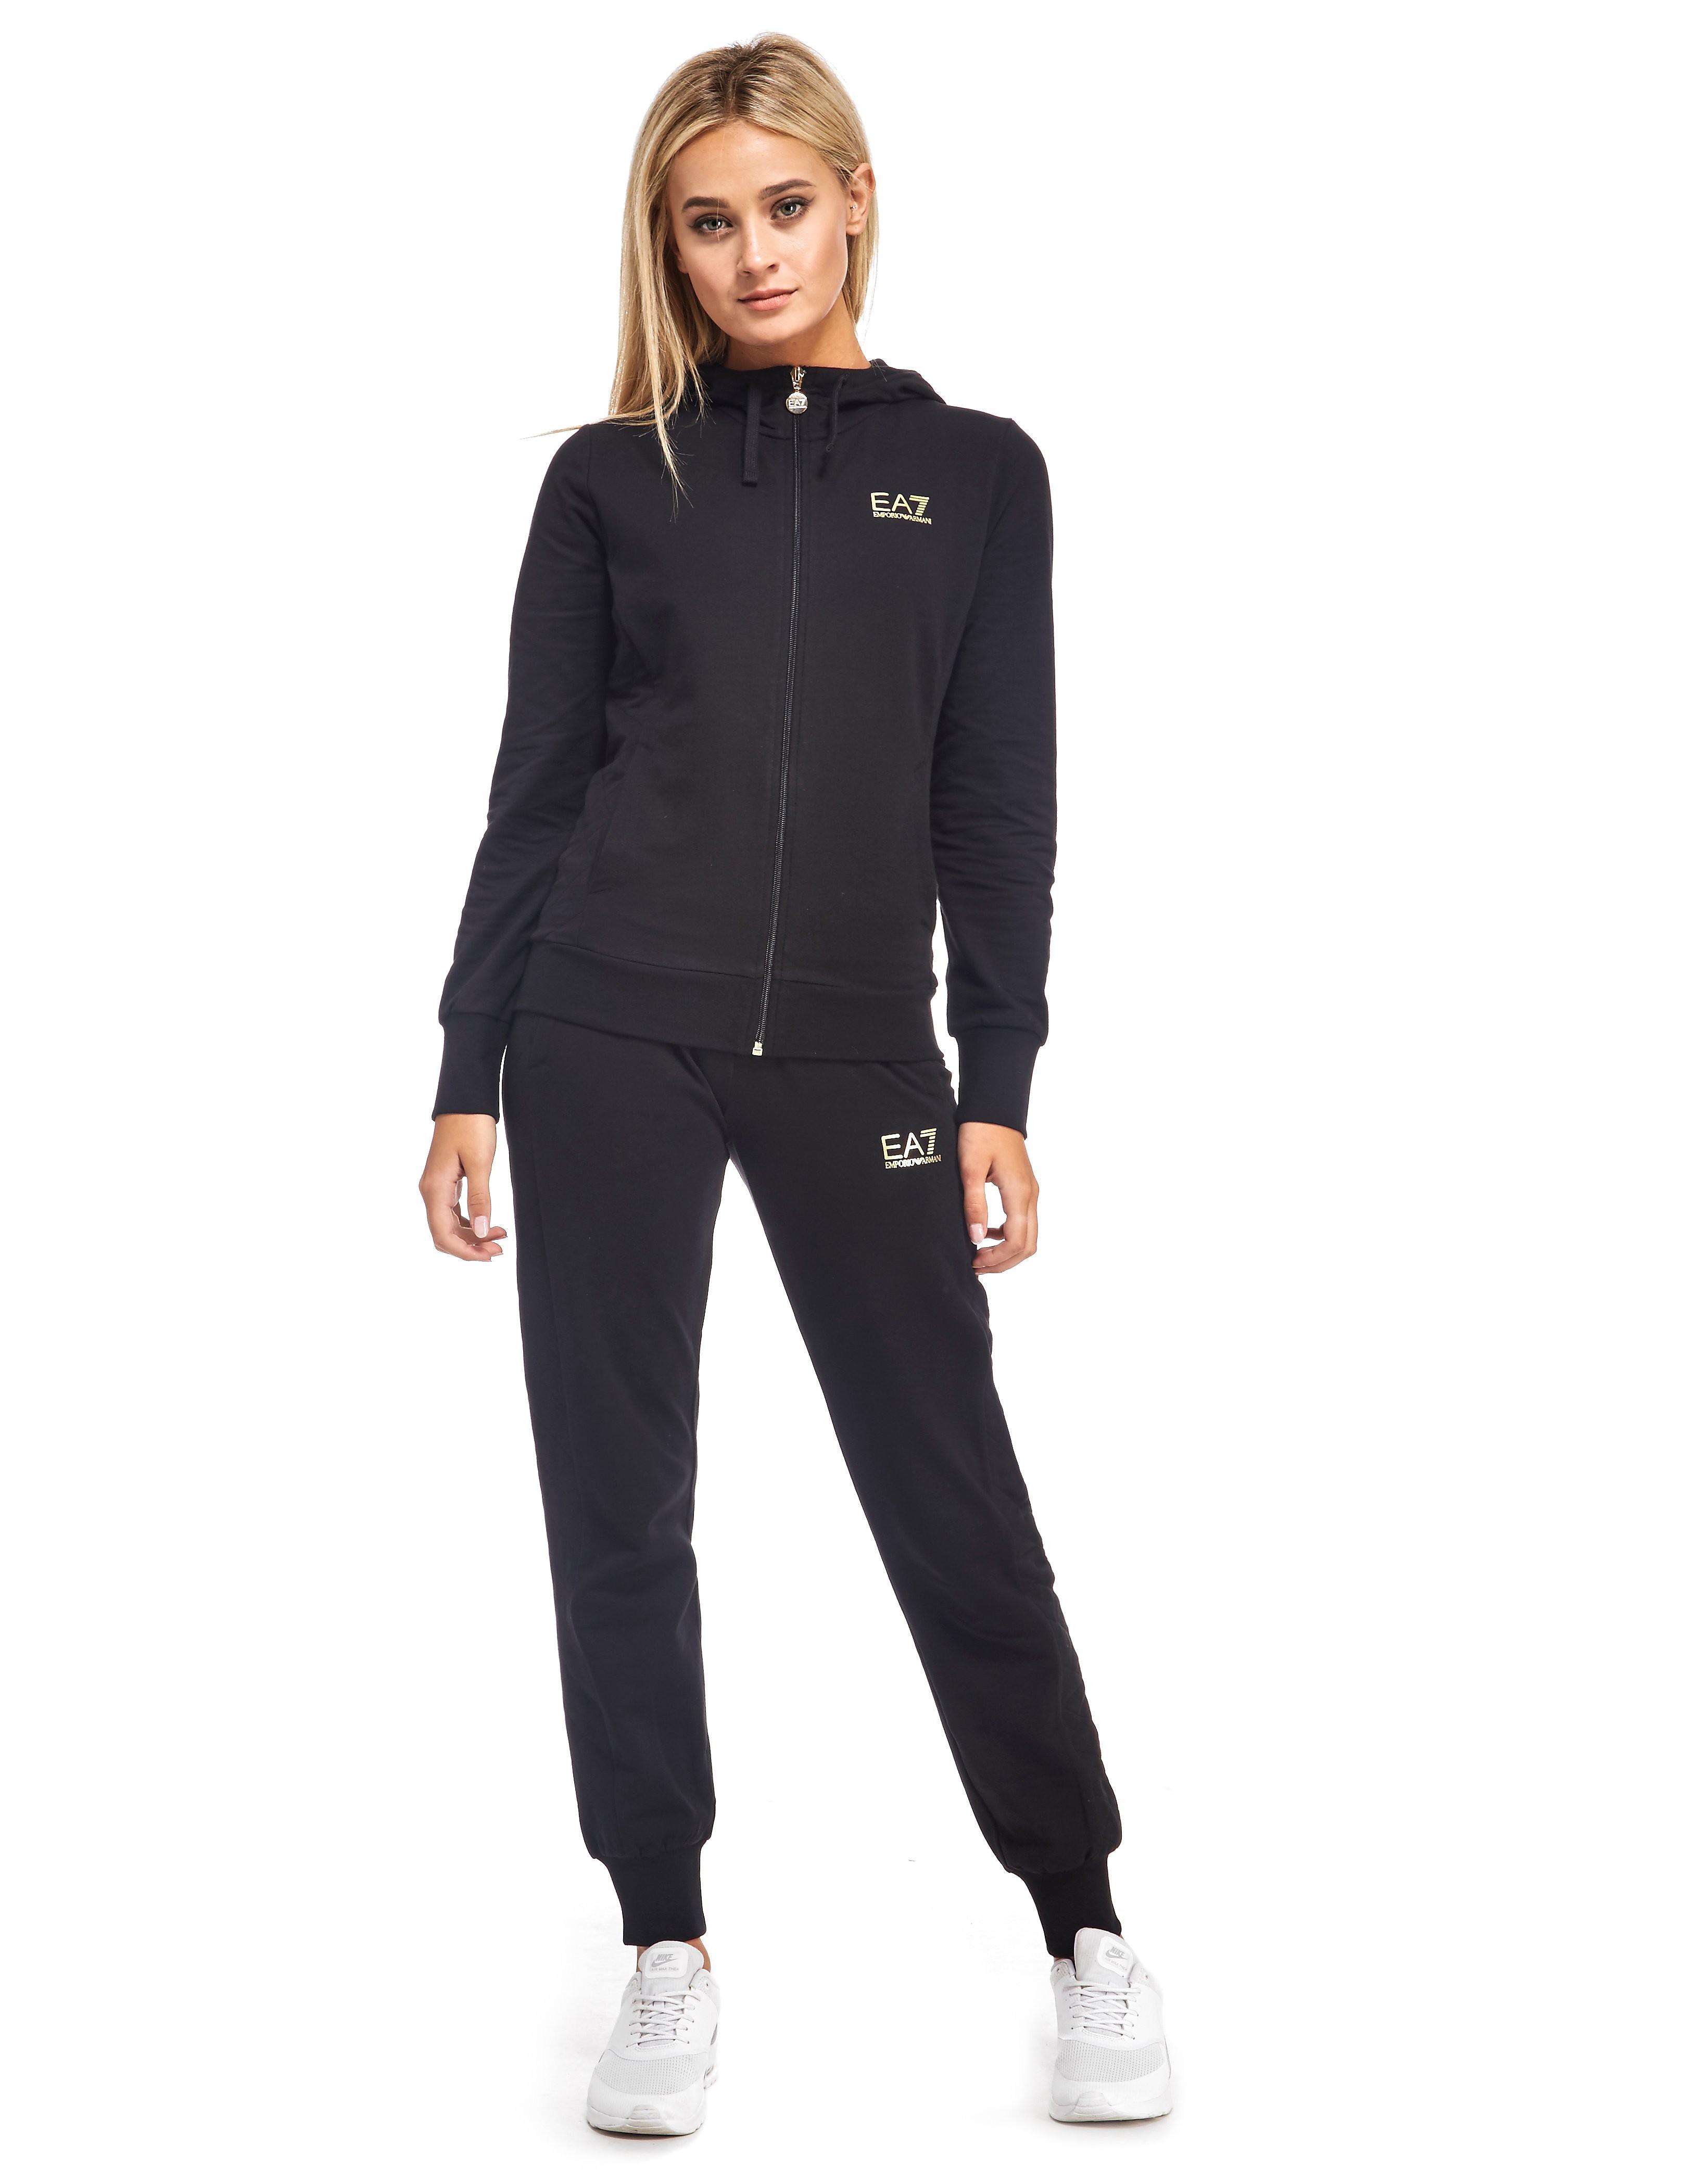 Emporio Armani EA7 Quilted Fleece Suit